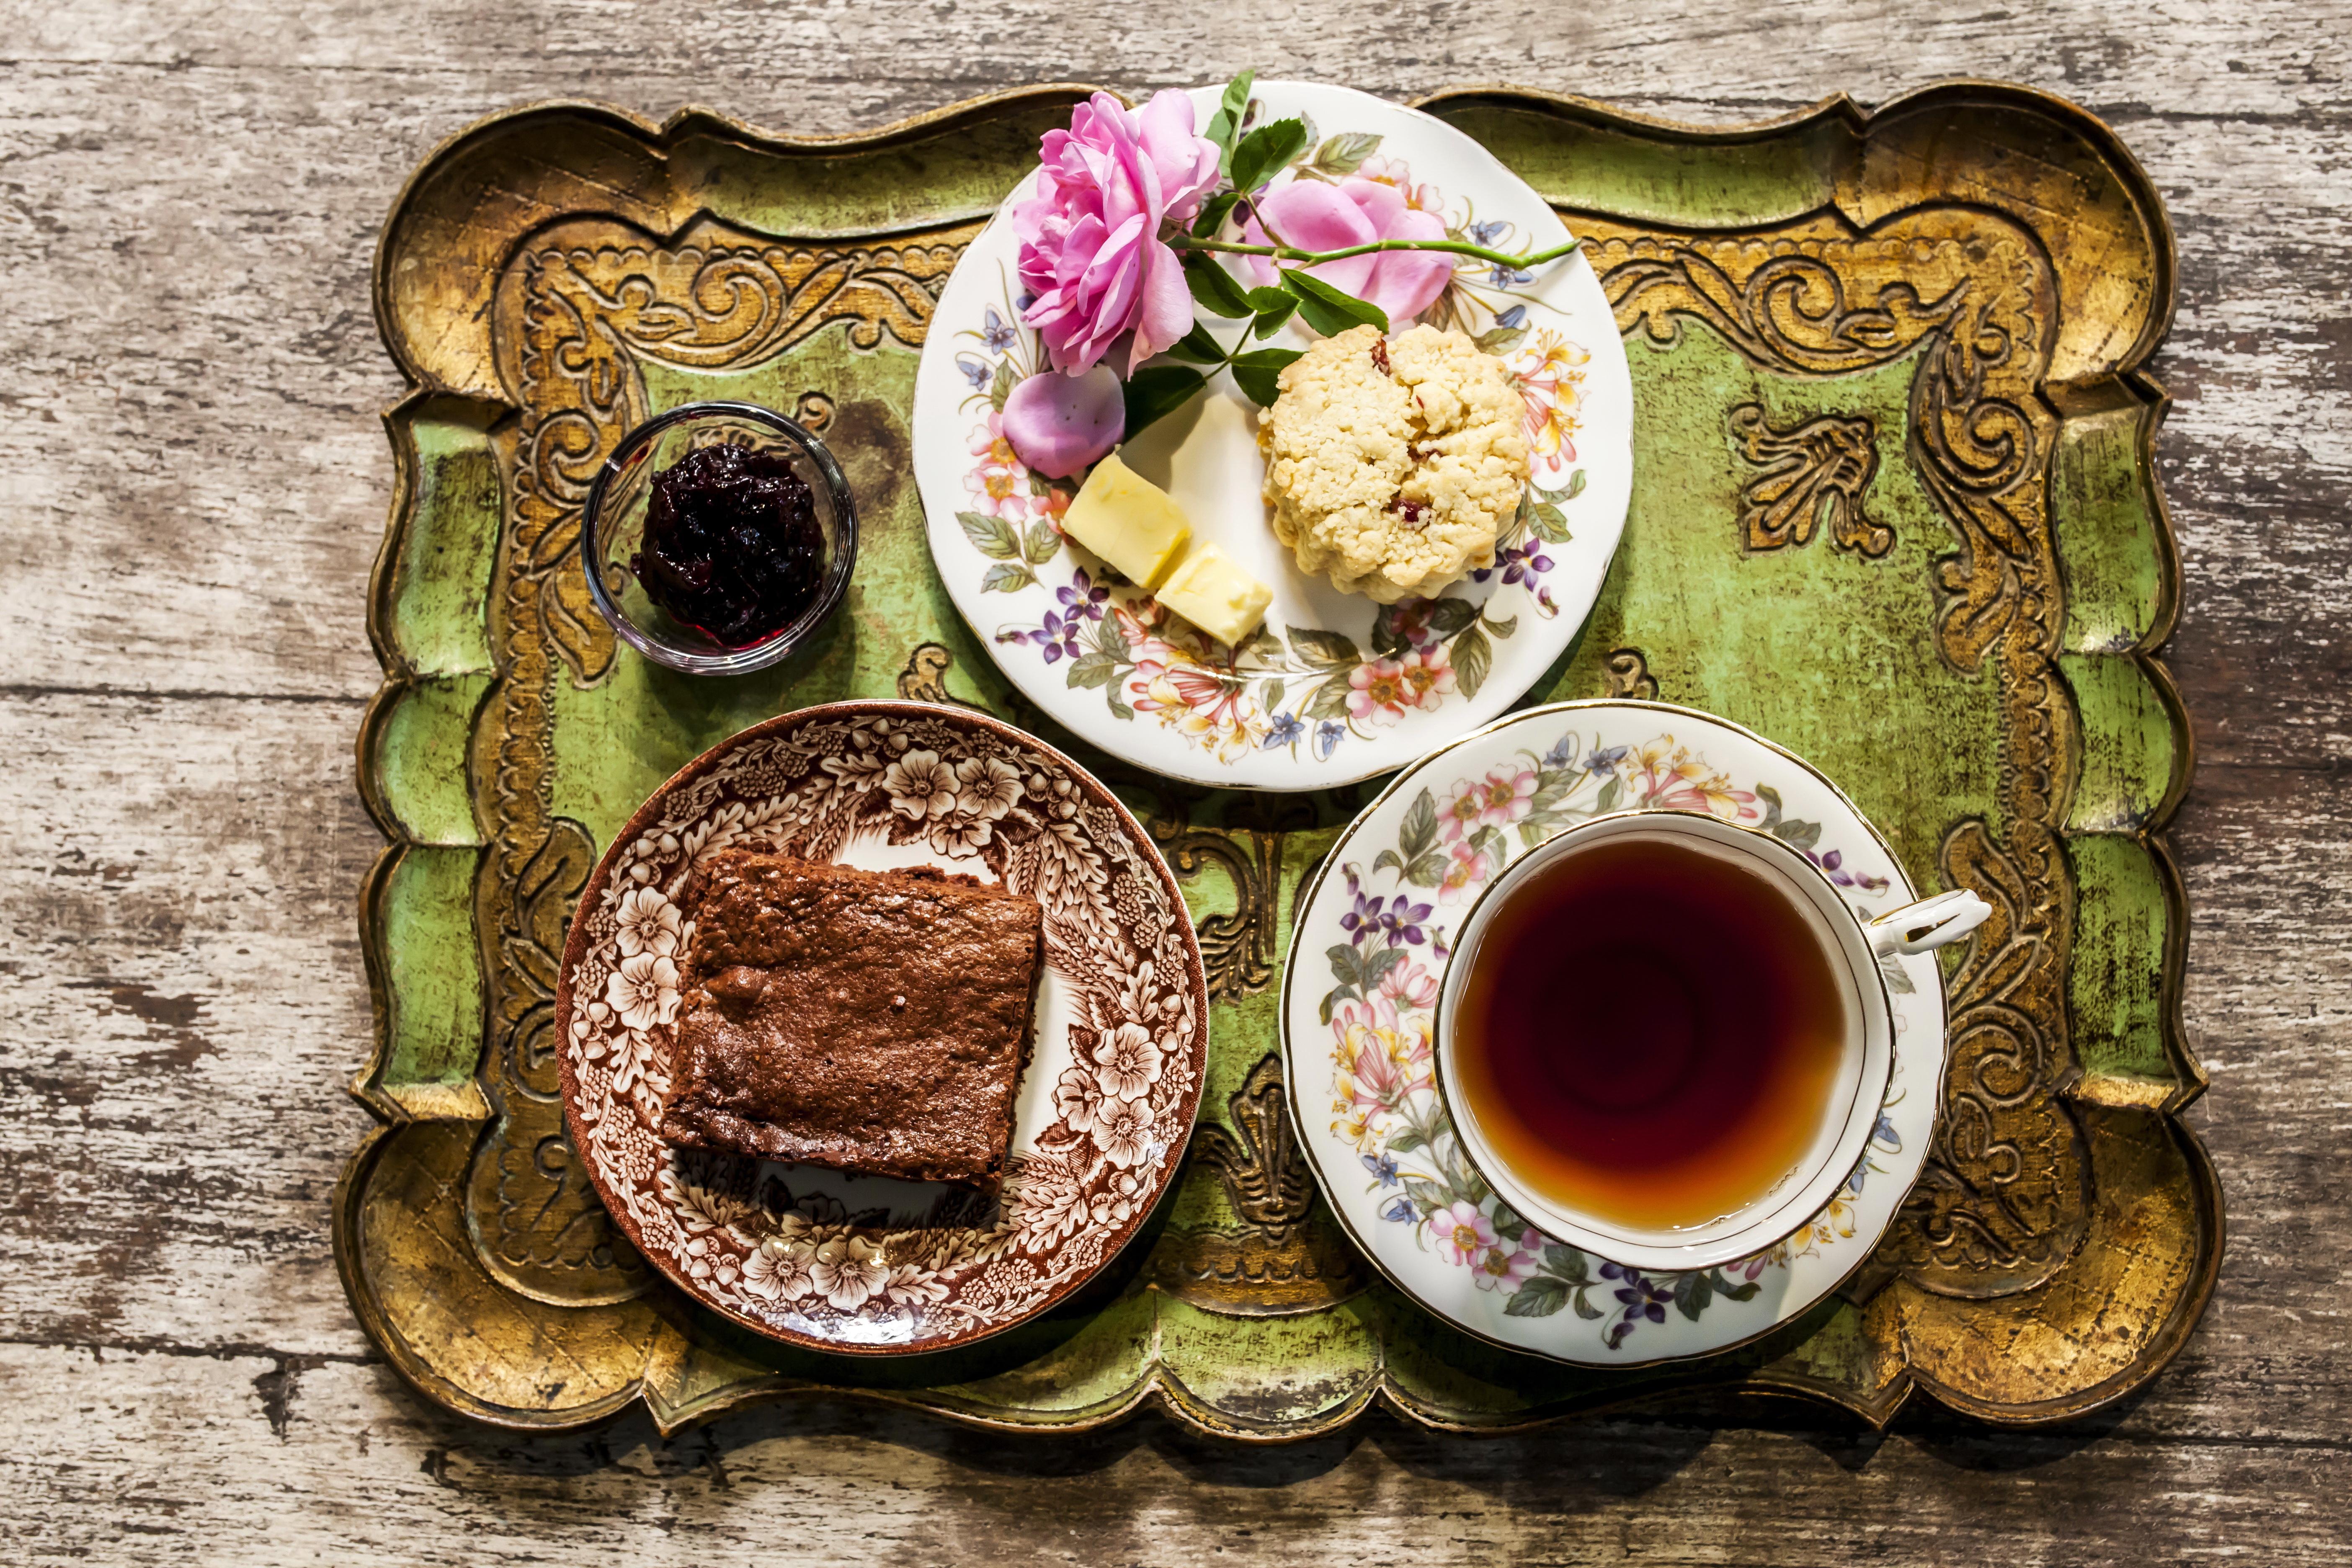 еда чай конфеты яблоки food tea candy apples  № 325905 без смс